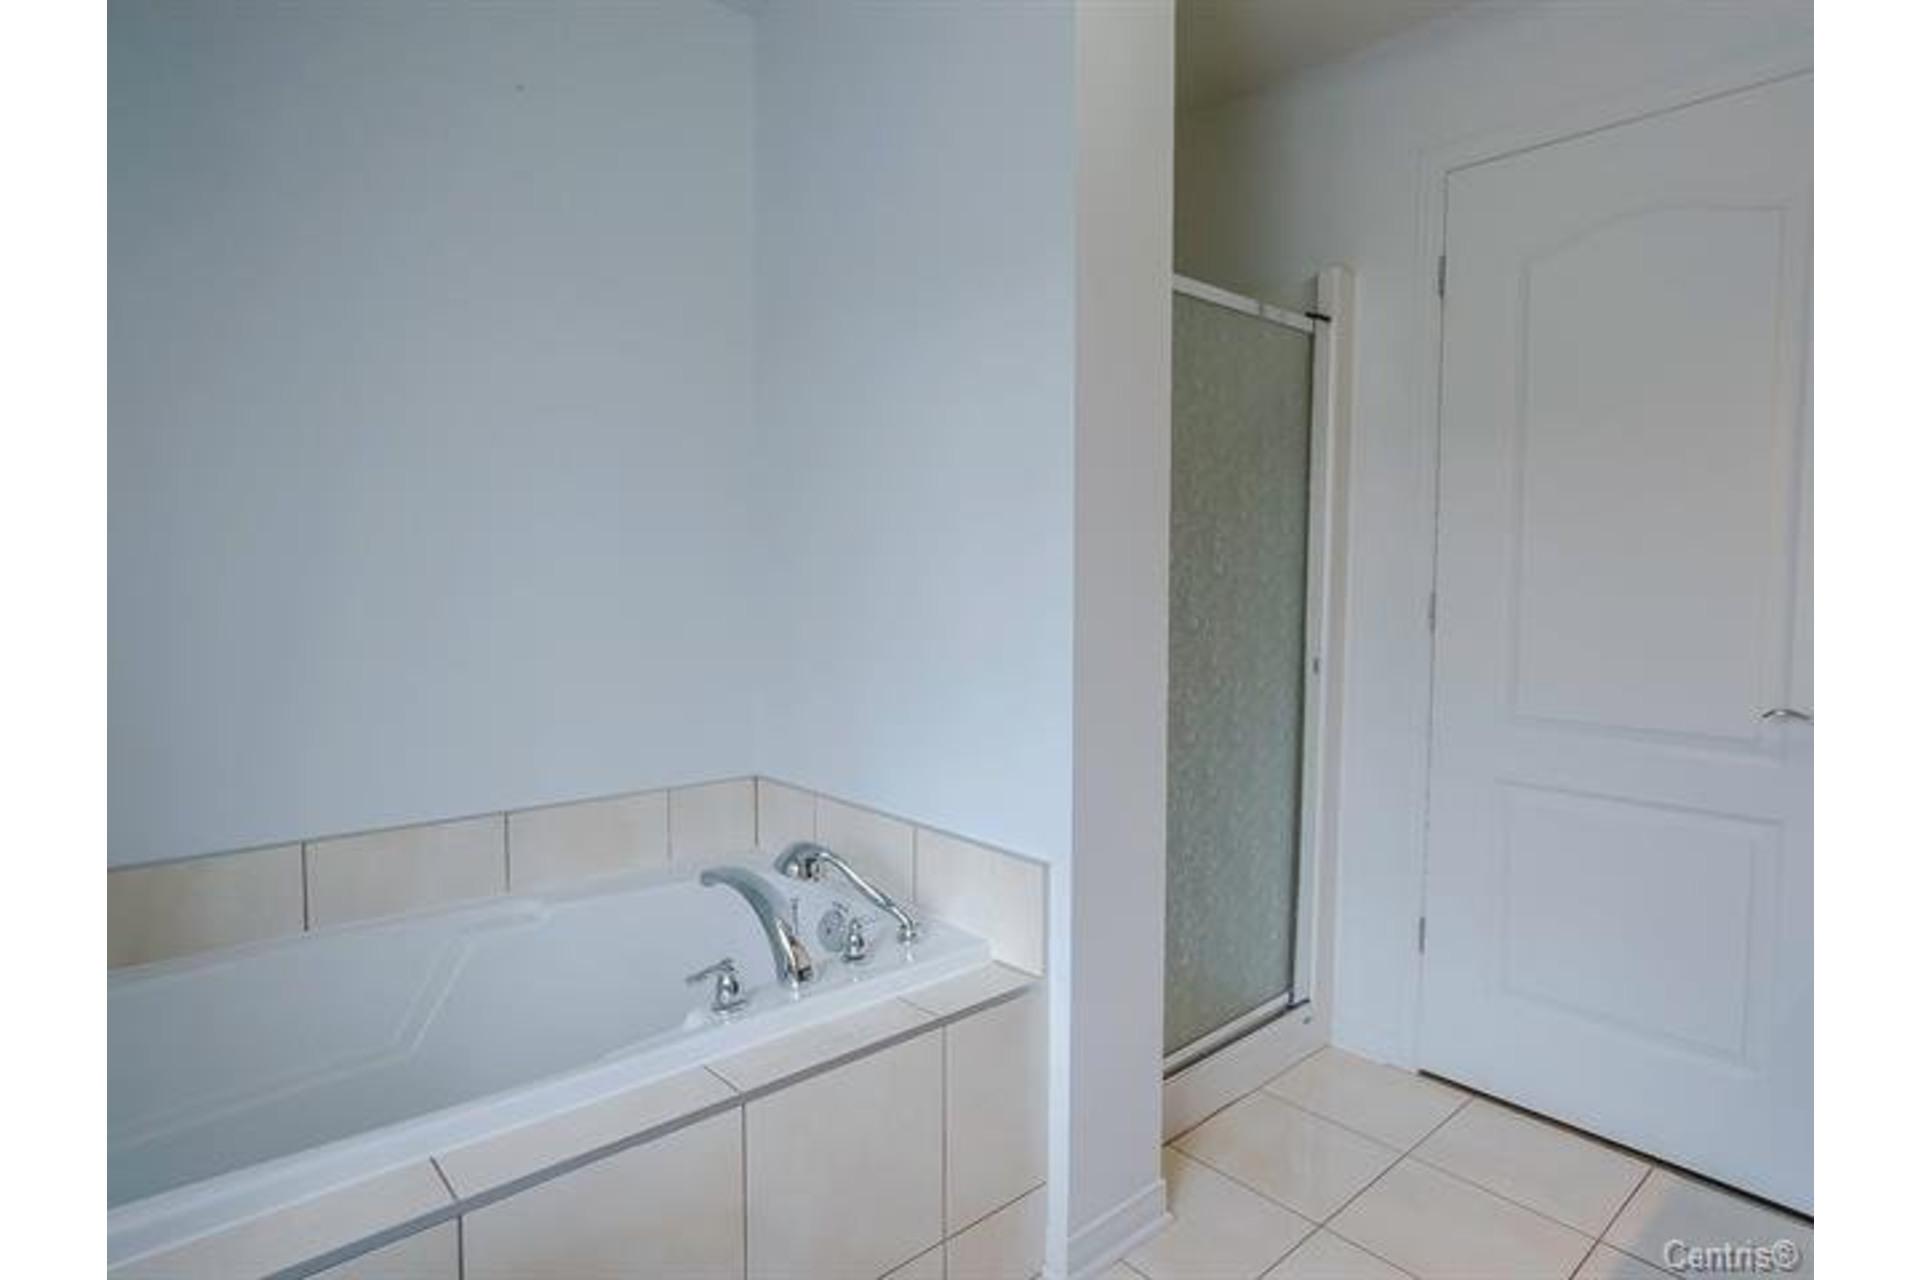 image 10 - Appartement À louer Vaudreuil-Dorion - 7 pièces